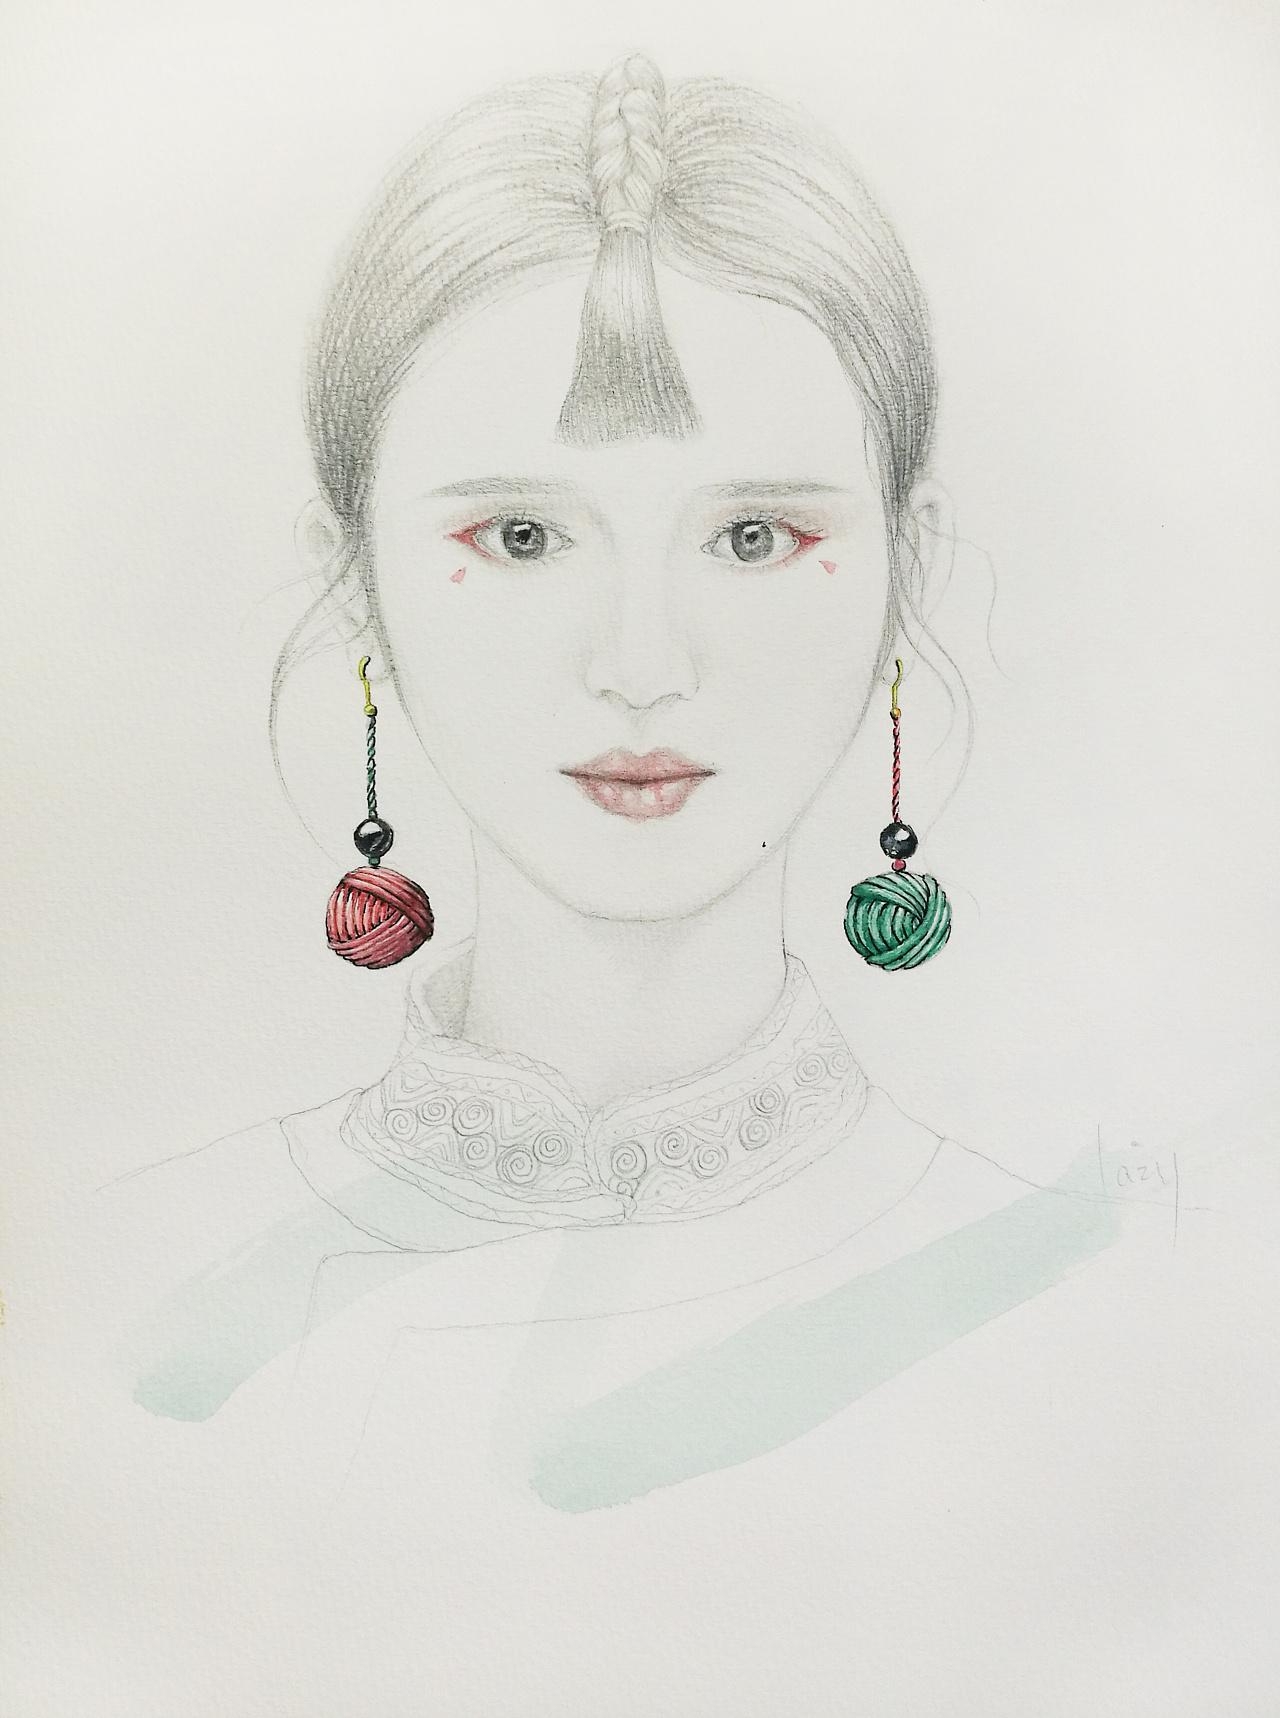 人像&珠宝手绘|手工艺|首饰|不装会死美少女 - 原创